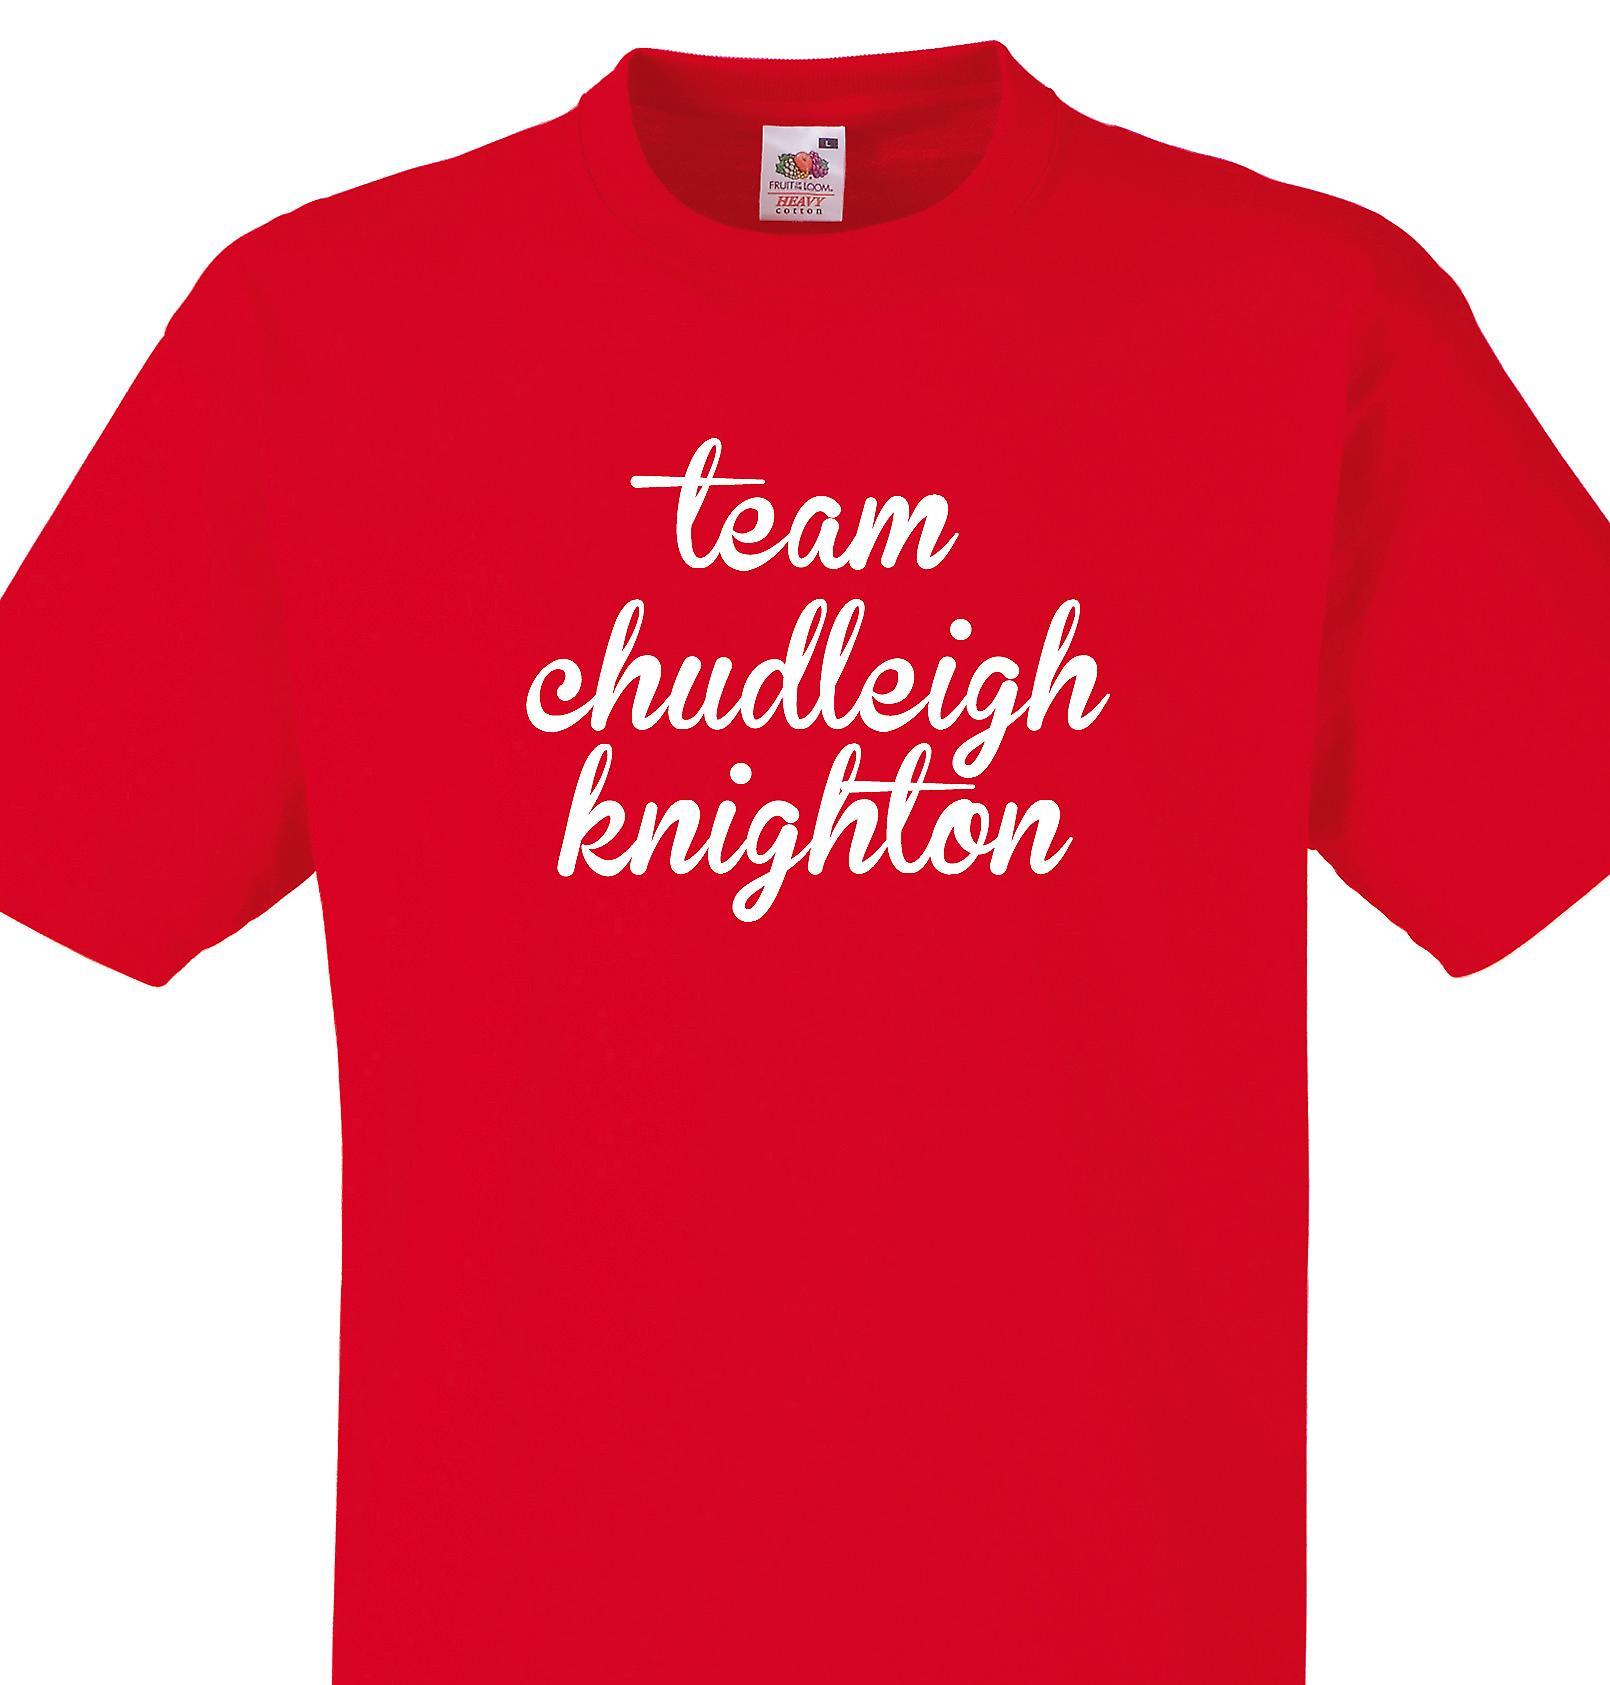 Team Chudleigh knighton Red T shirt